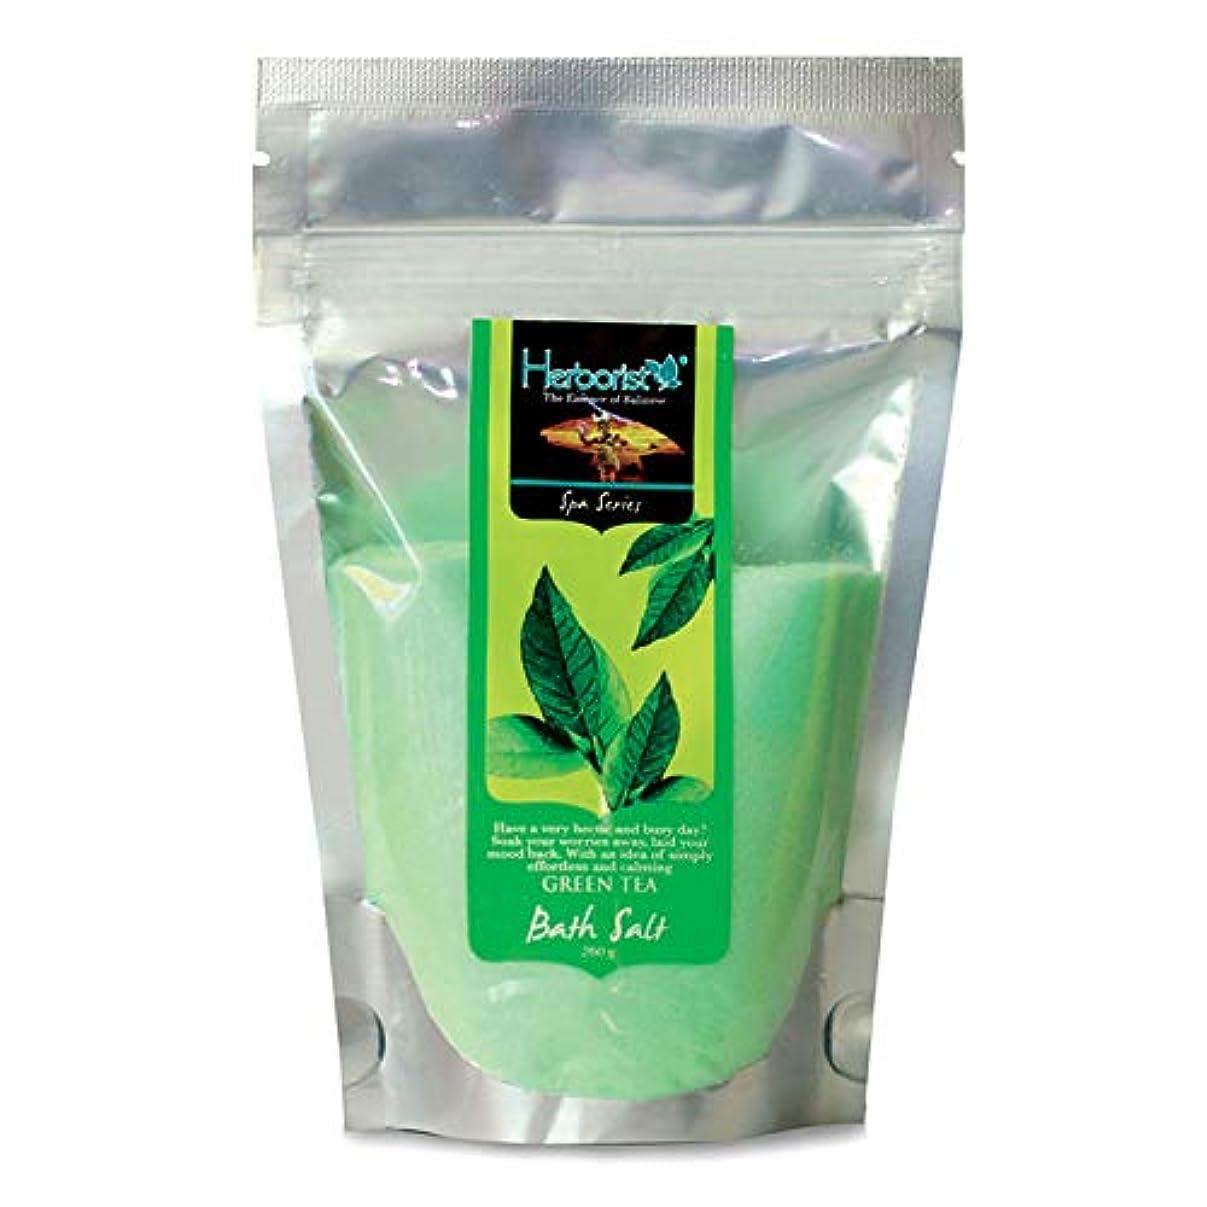 自明スノーケル事故Herborist ハーボリスト Bath Salt バスソルト バリ島の香り漂う入浴剤 250g Green Tea グリーンティー [海外直送品]